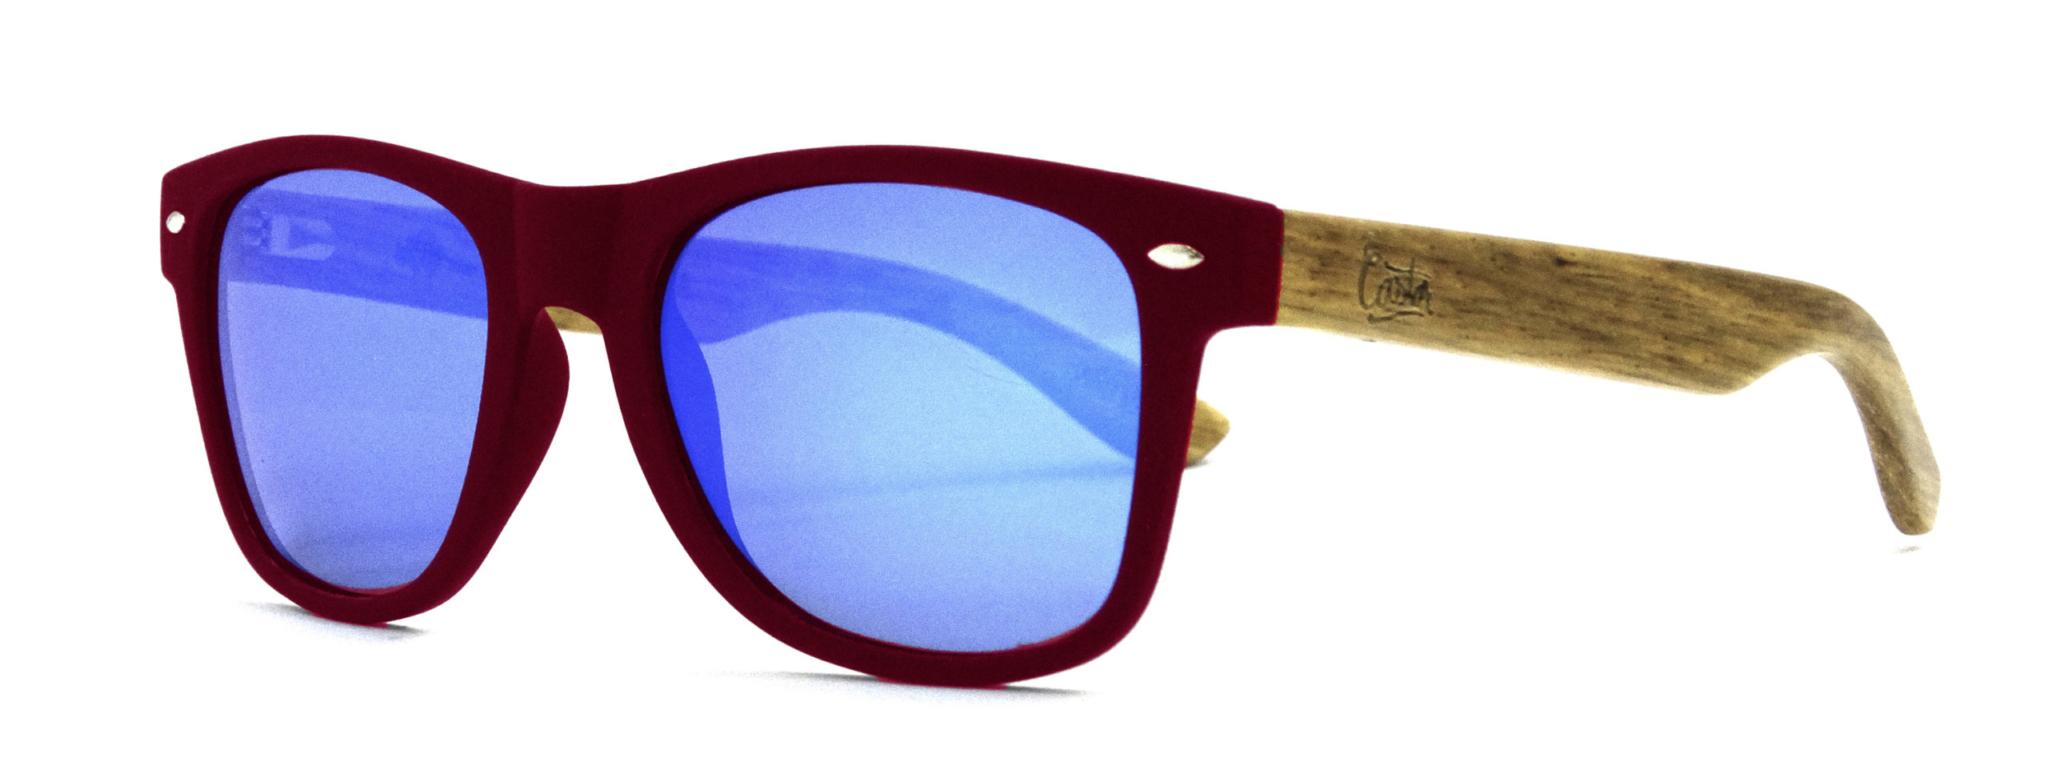 bd520925-142b-gafas-de-sol